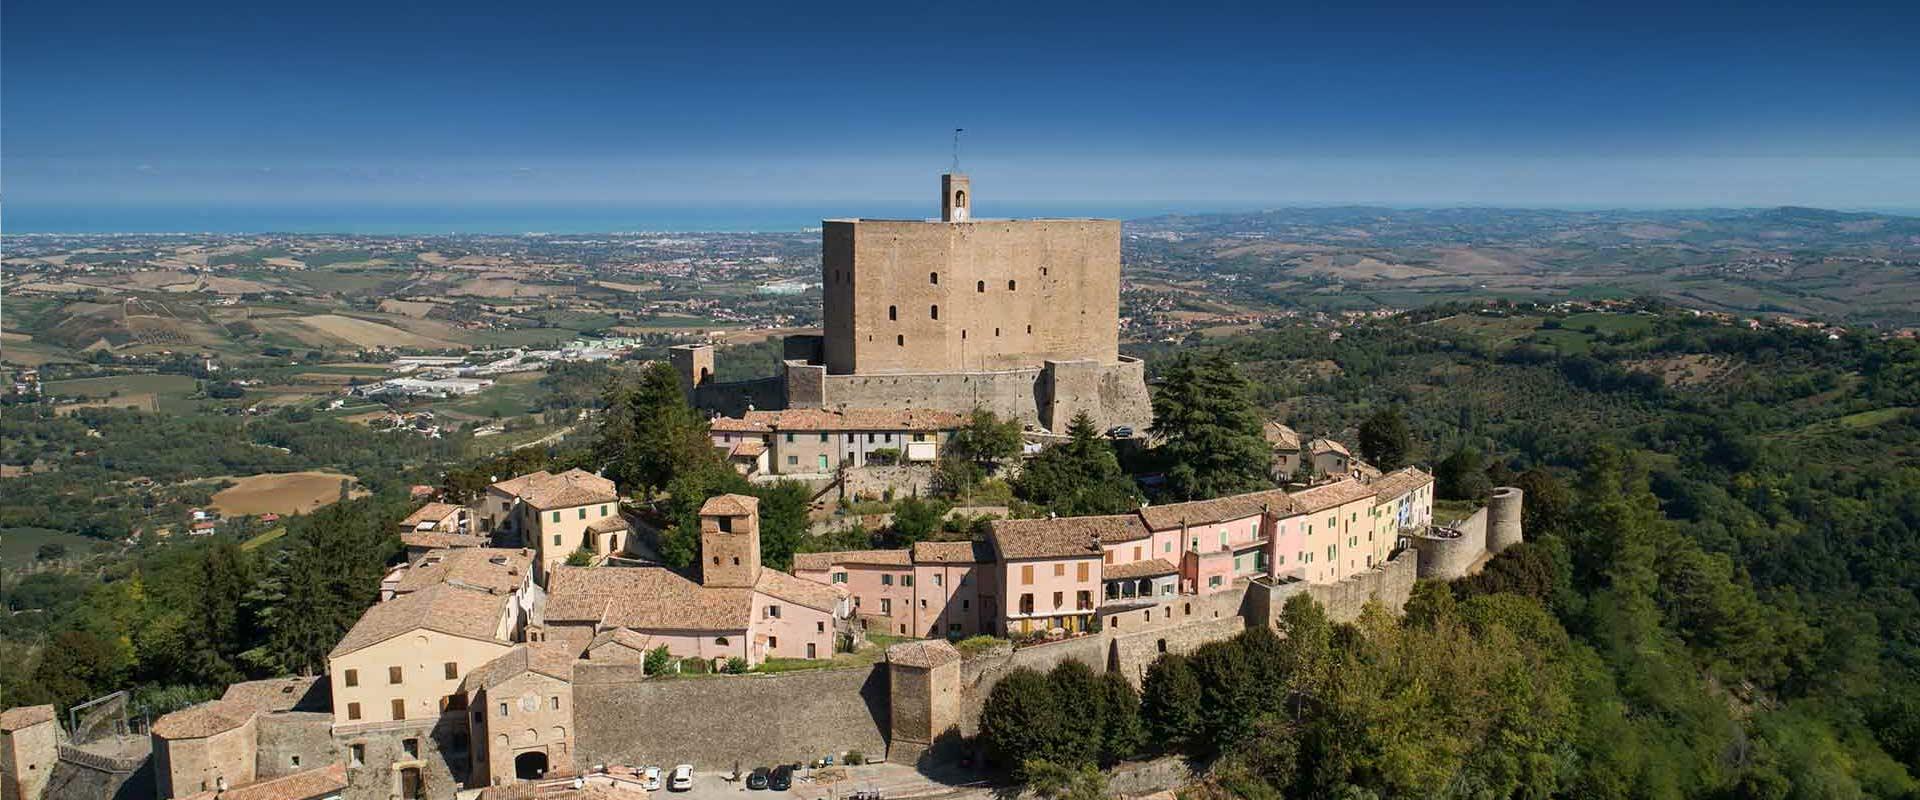 Montefiore: un'oasi medievale nel cuore della Valconca